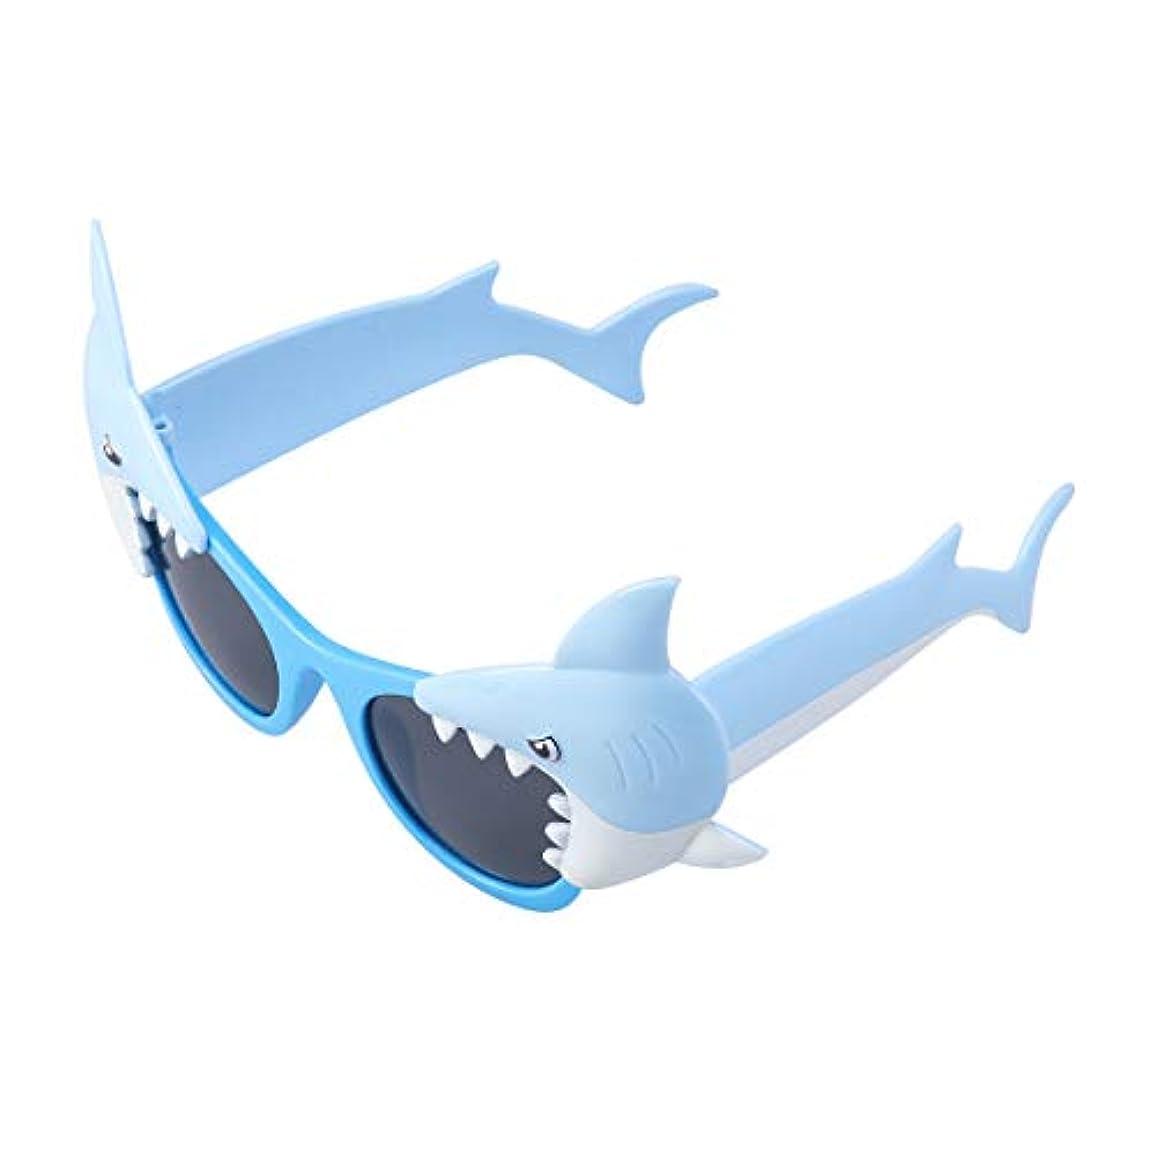 虚弱不変クレジットBESTOYARD パーティーサングラスサメの形ノベルティおかしい眼鏡用仮装トリックパーティーコスチューム小道具